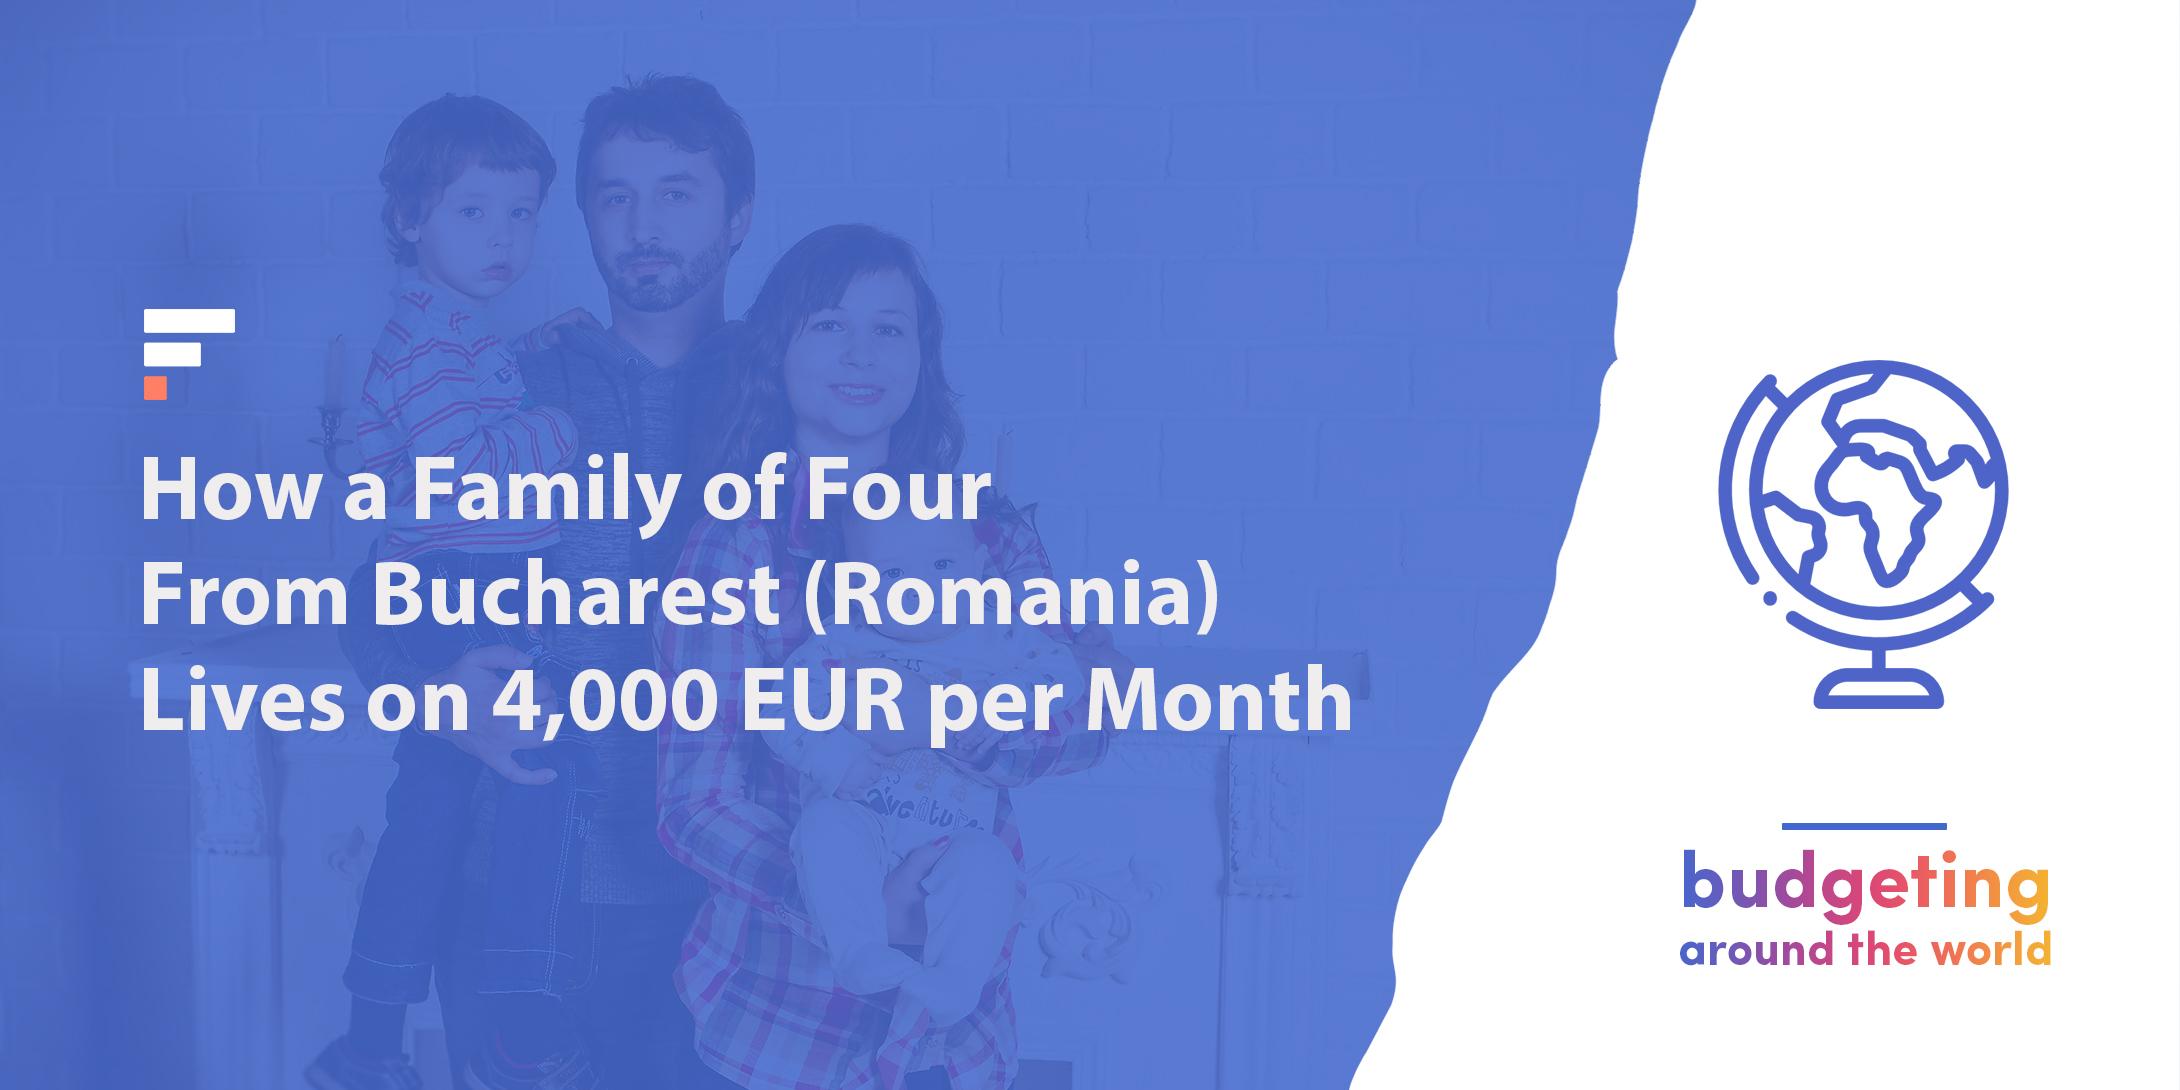 Budgeting around the world: Bucharest, Romania